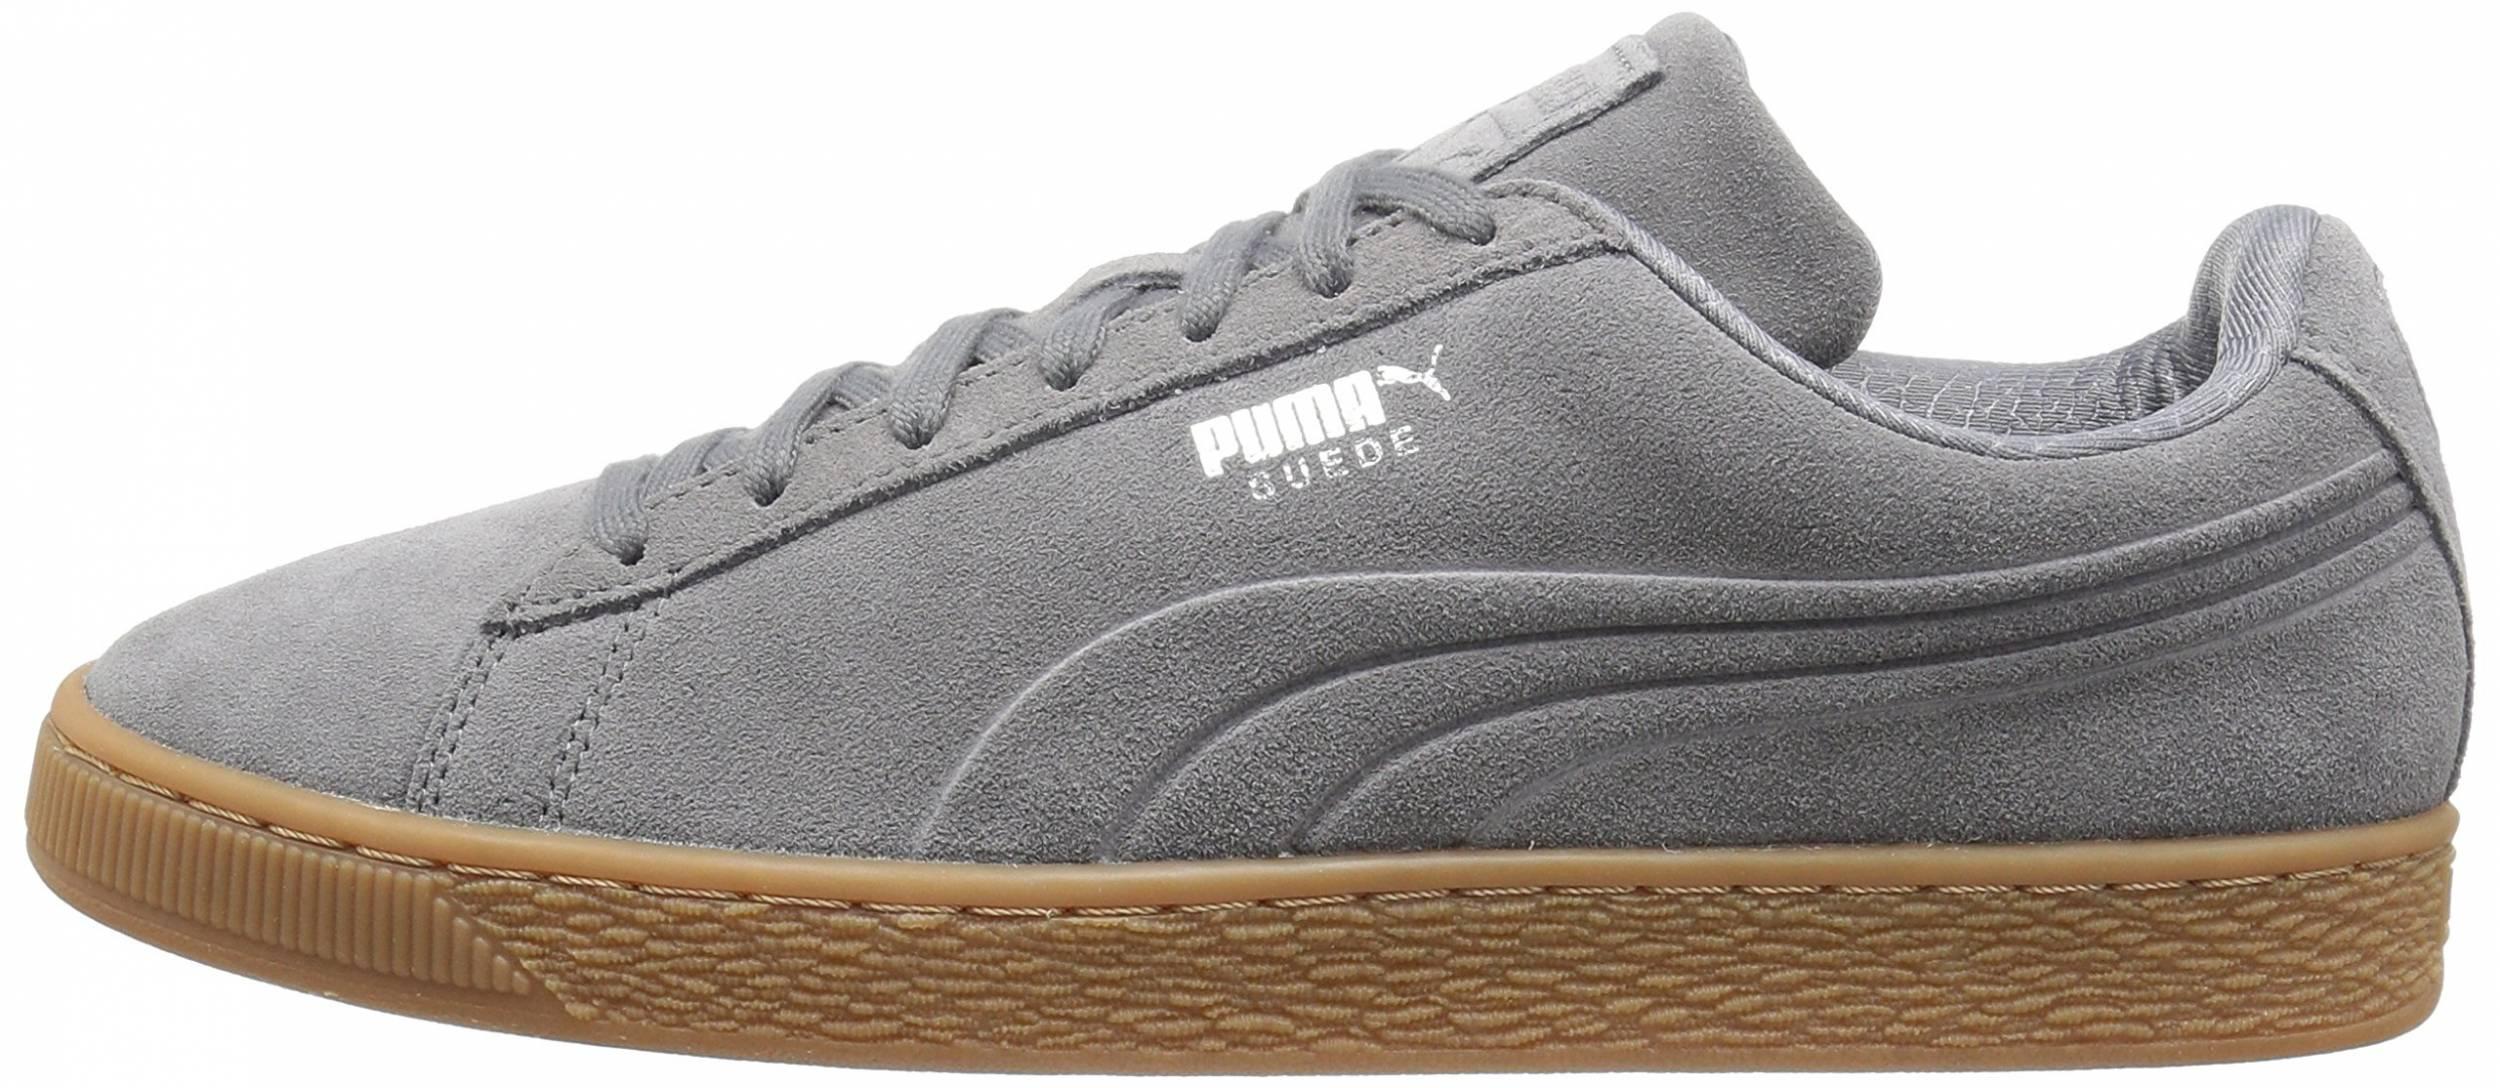 Puma Suede Classic Debossed Q4